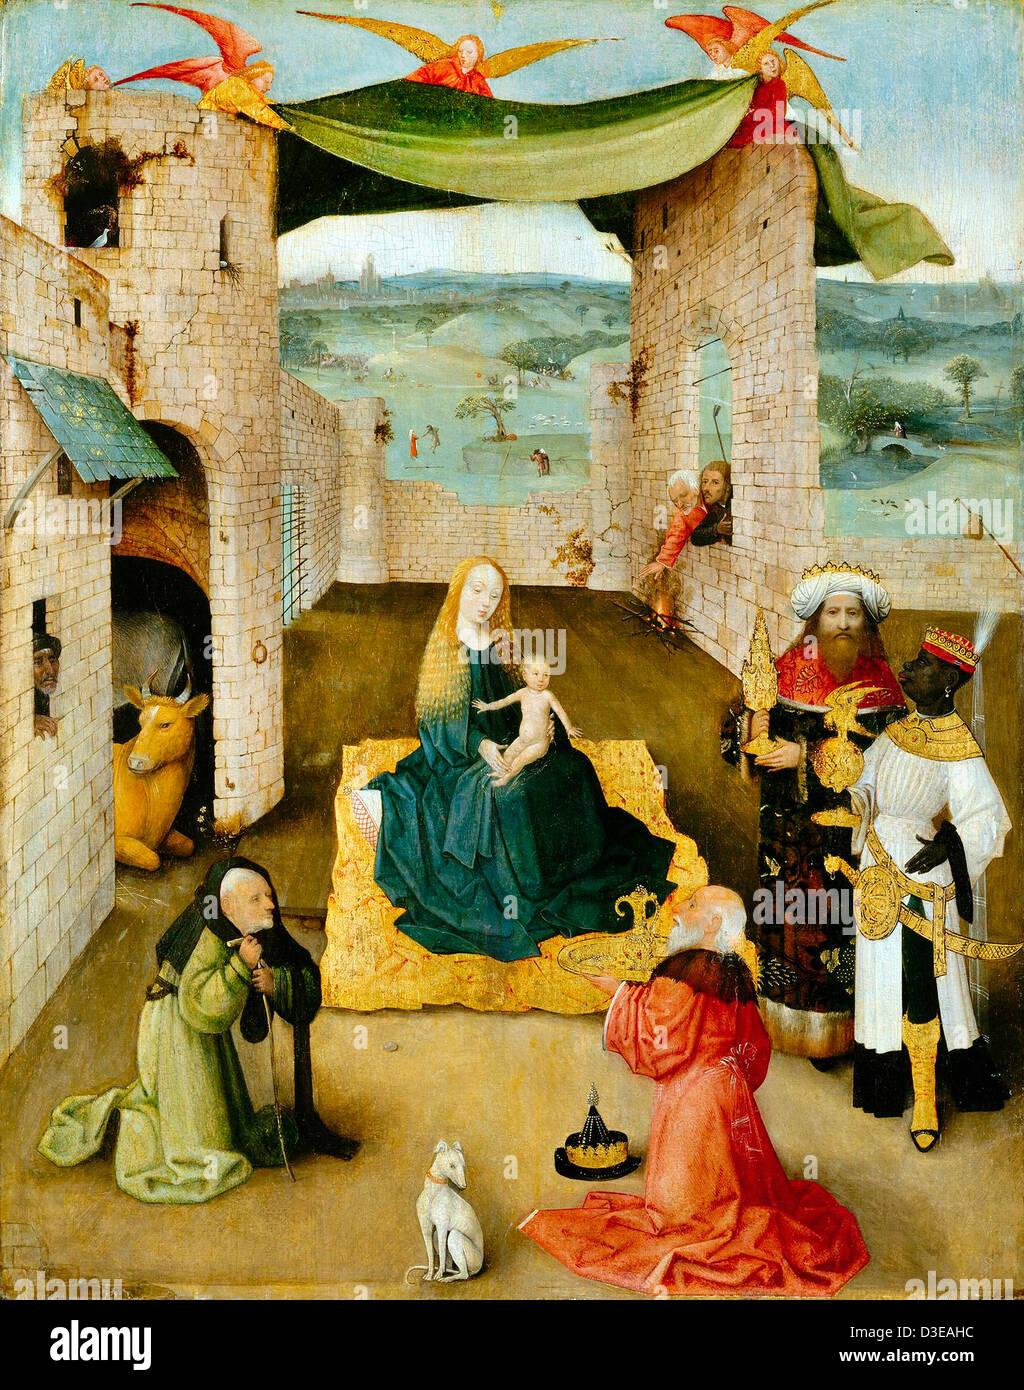 Jérôme Bosch, l'Adoration des Mages. Huile sur bois. Metropolitan Museum of Art, New York, USA Photo Stock